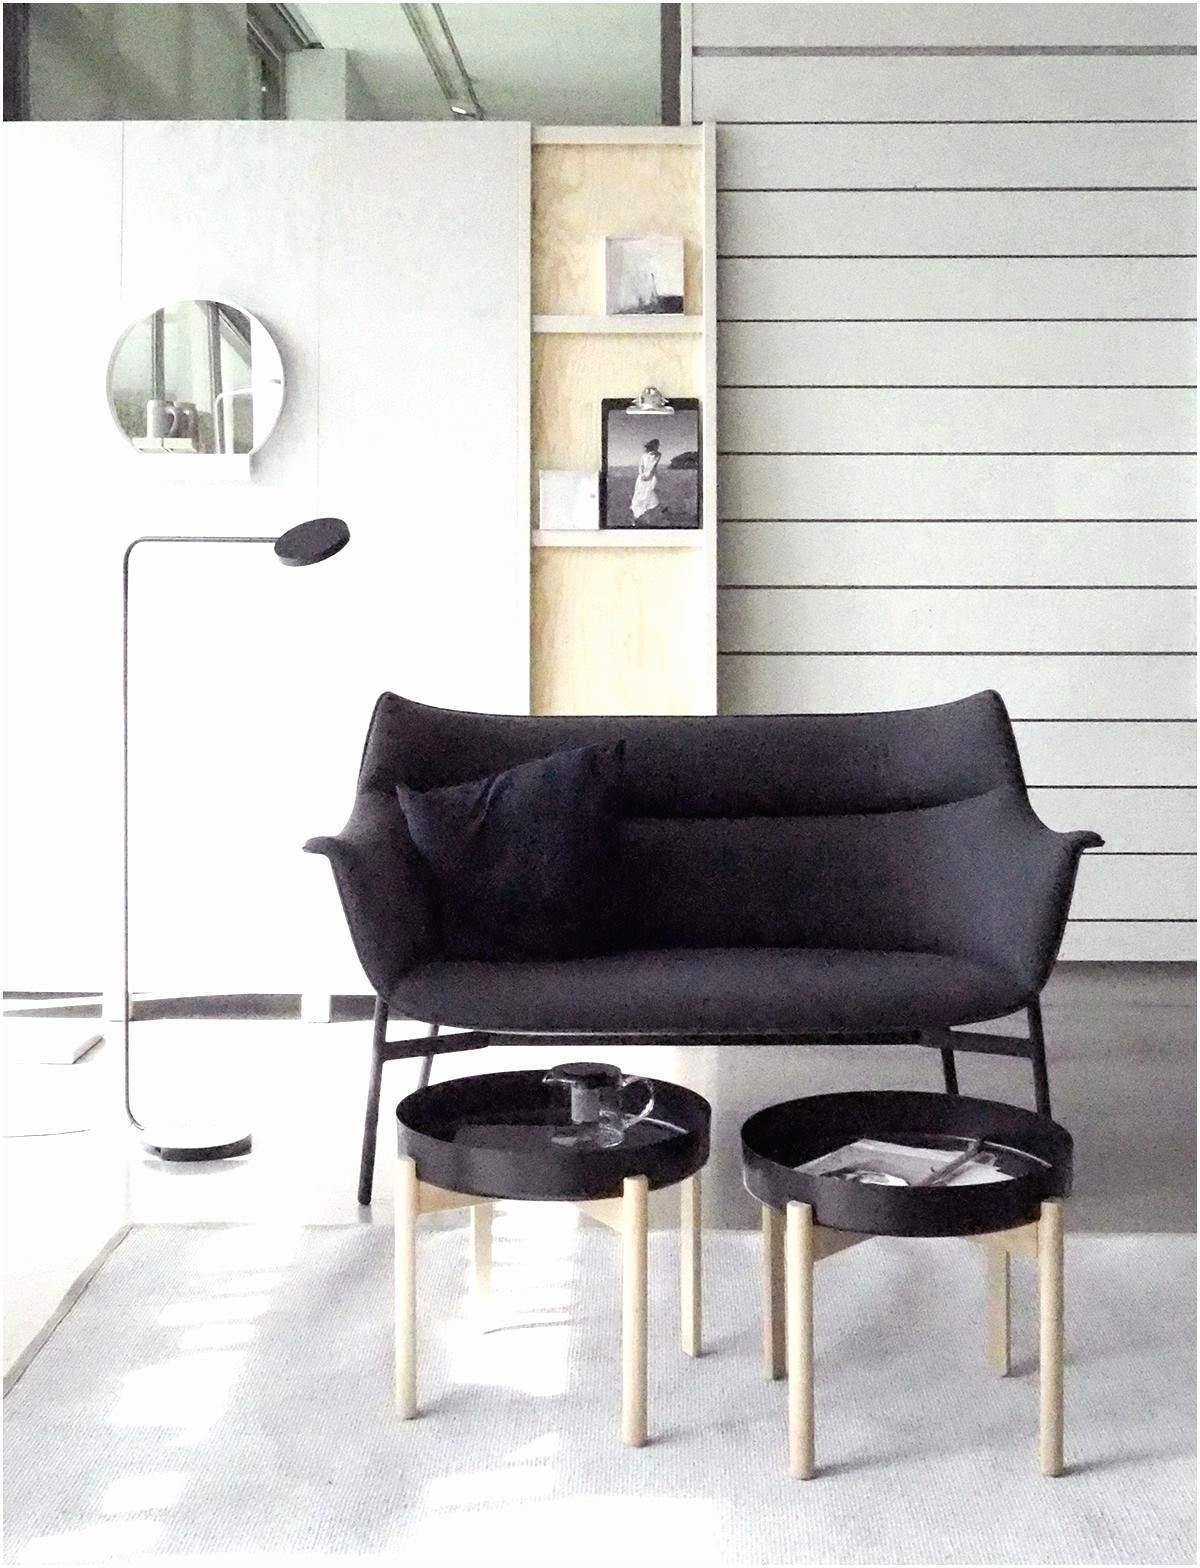 relaxsessel wohnzimmer frisch genial wohnzimmer einrichten ikea of relaxsessel wohnzimmer